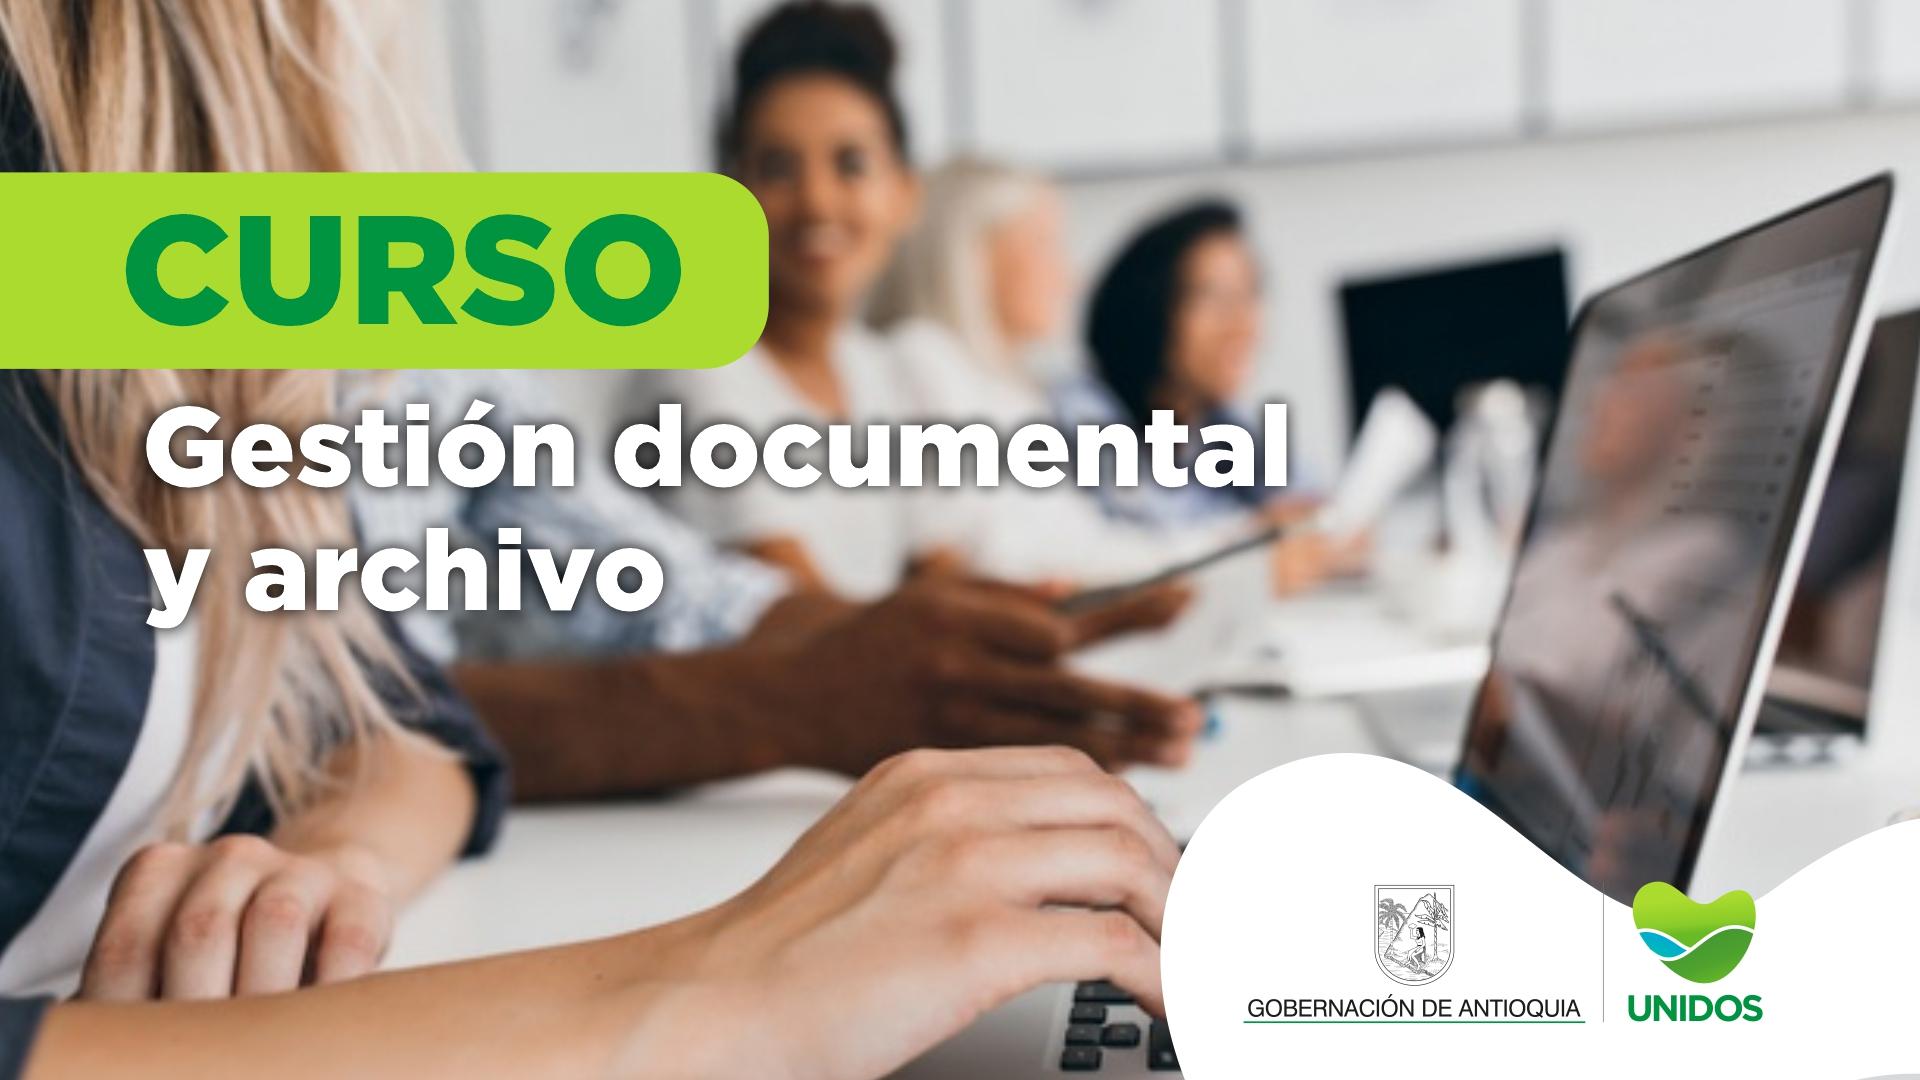 Course Image CURSO DE GESTIÓN DOCUMENTAL Y ARCHIVO